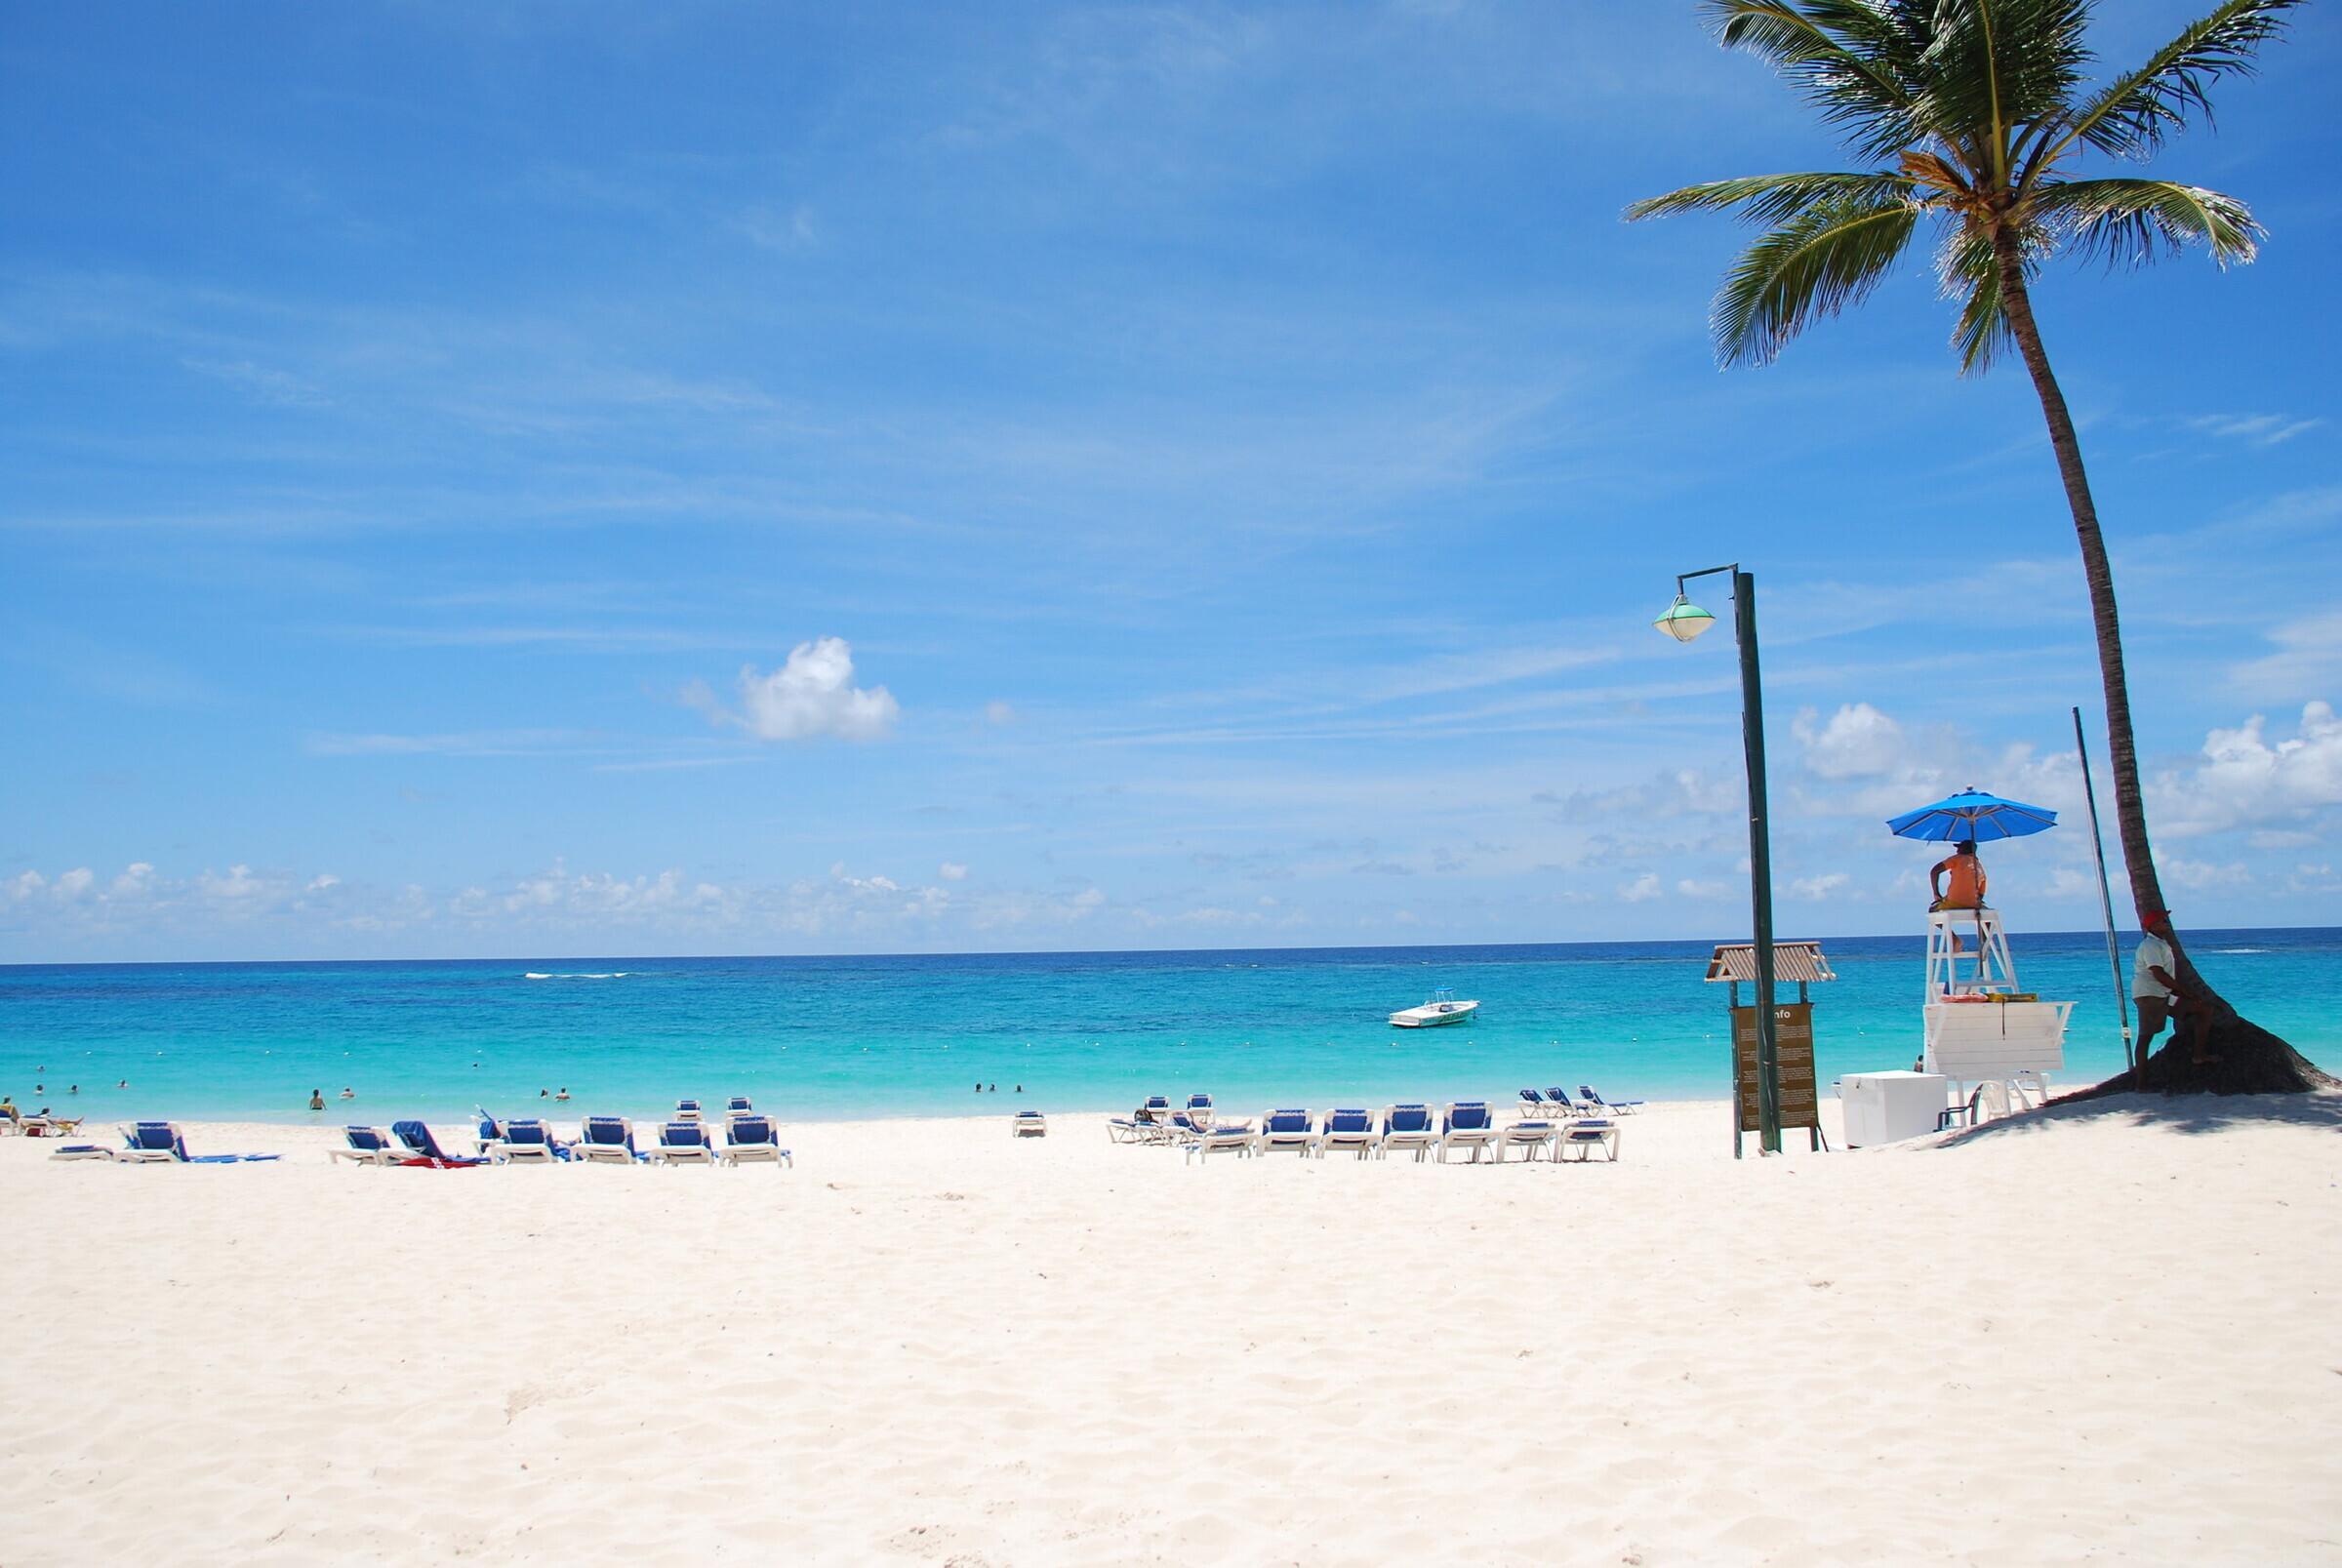 Фото пляжа в Пунта-Кане